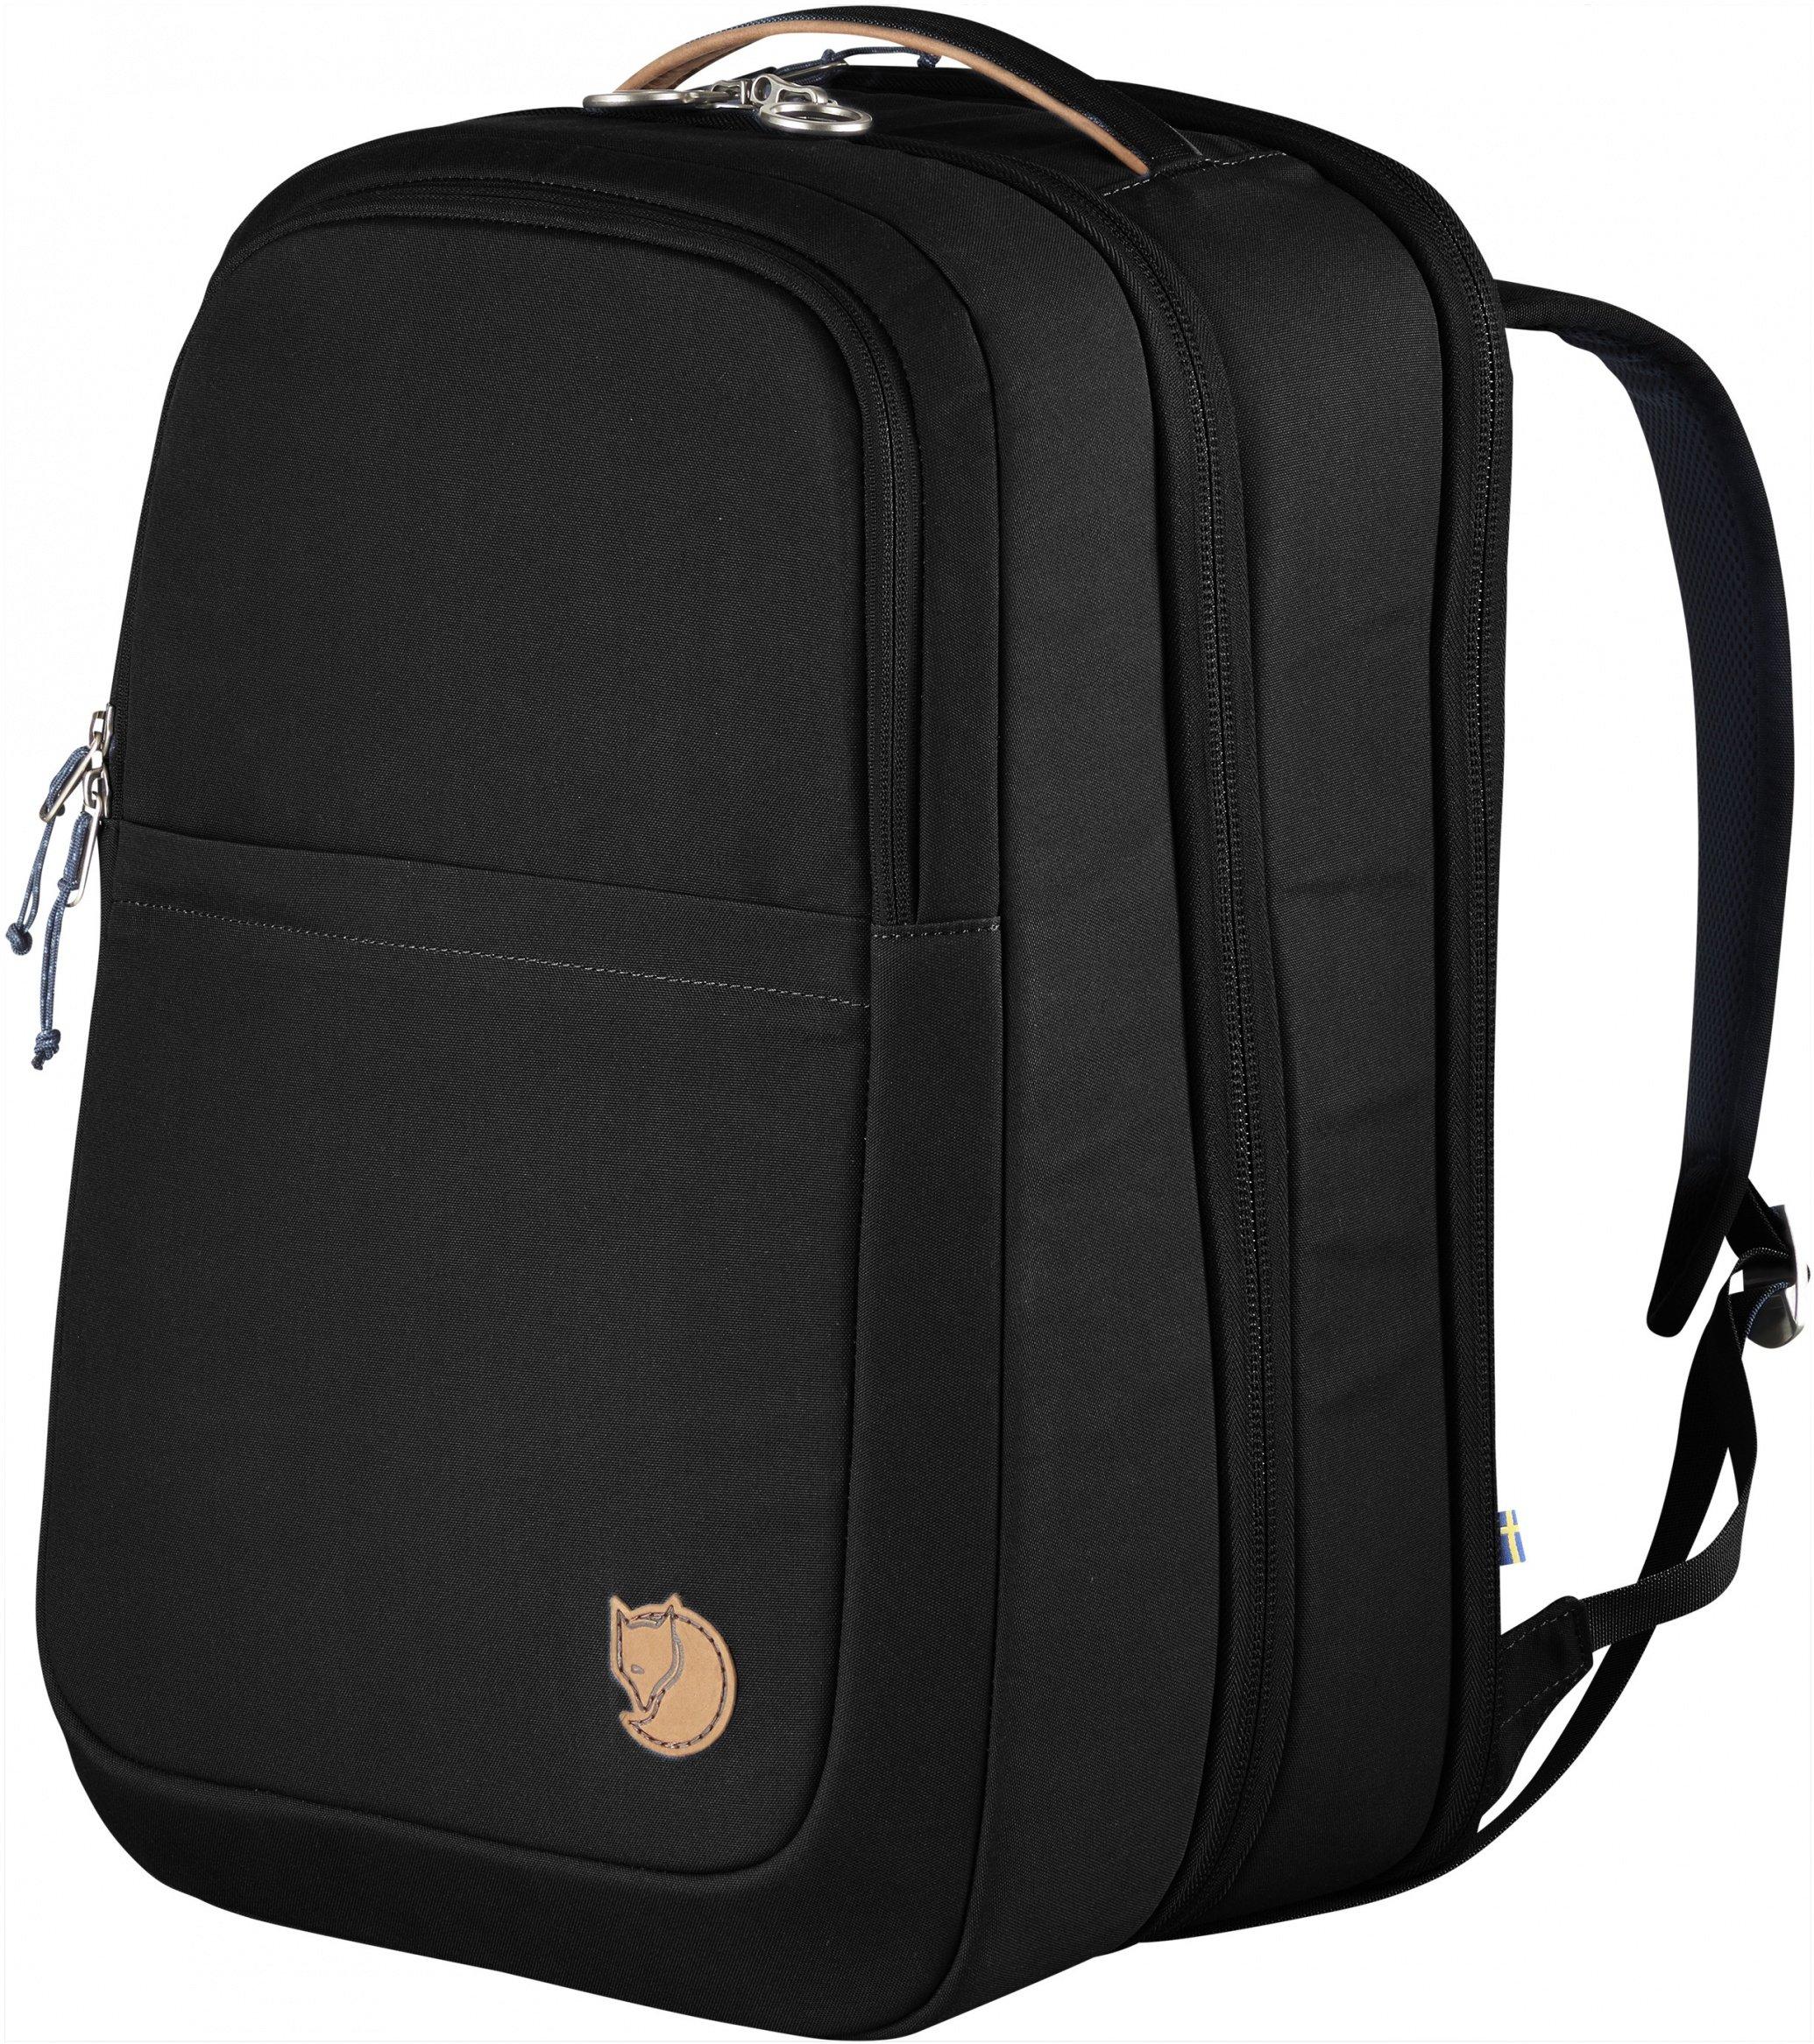 Fjallraven Travel Pack (Black) by Fjallraven